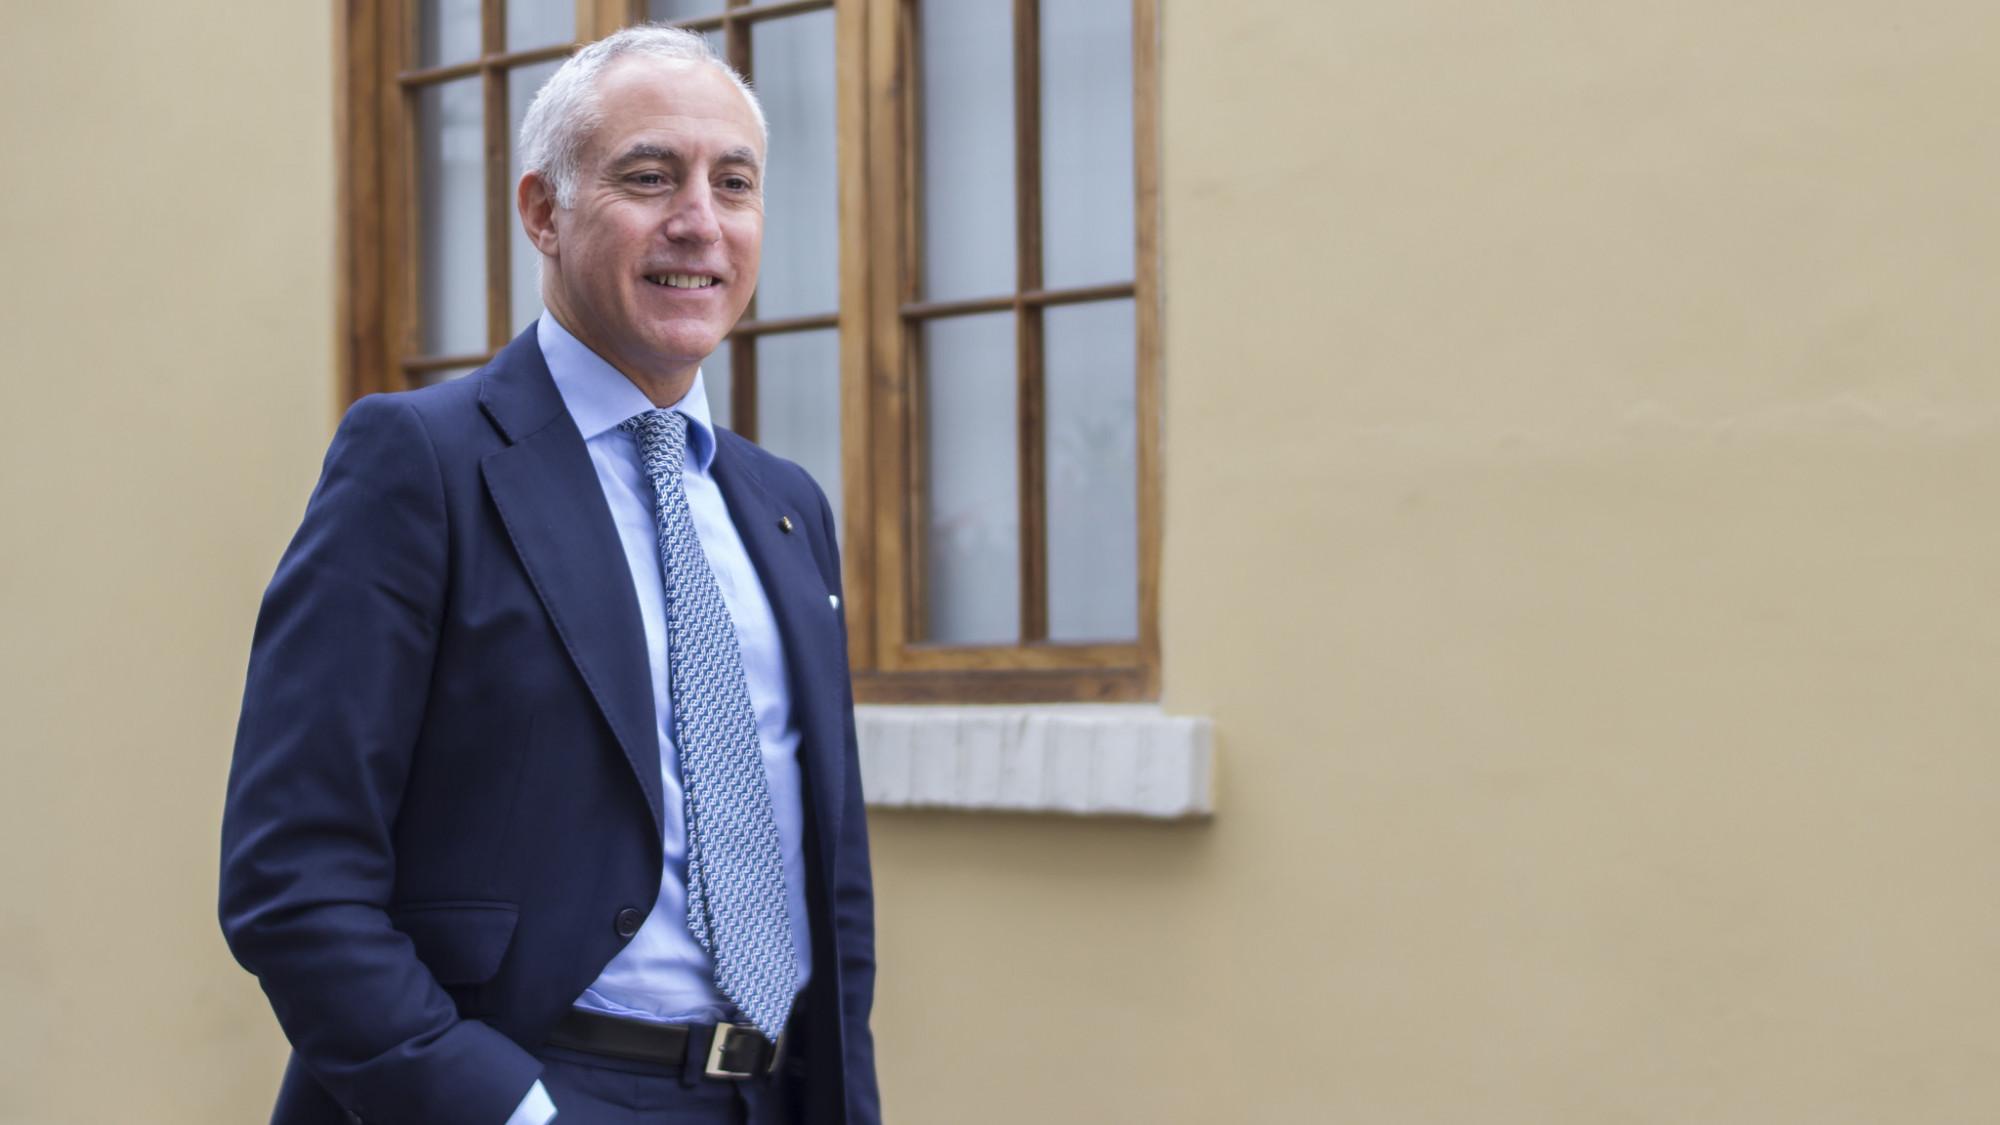 Amadeo-Martín Rey y Cabieses.